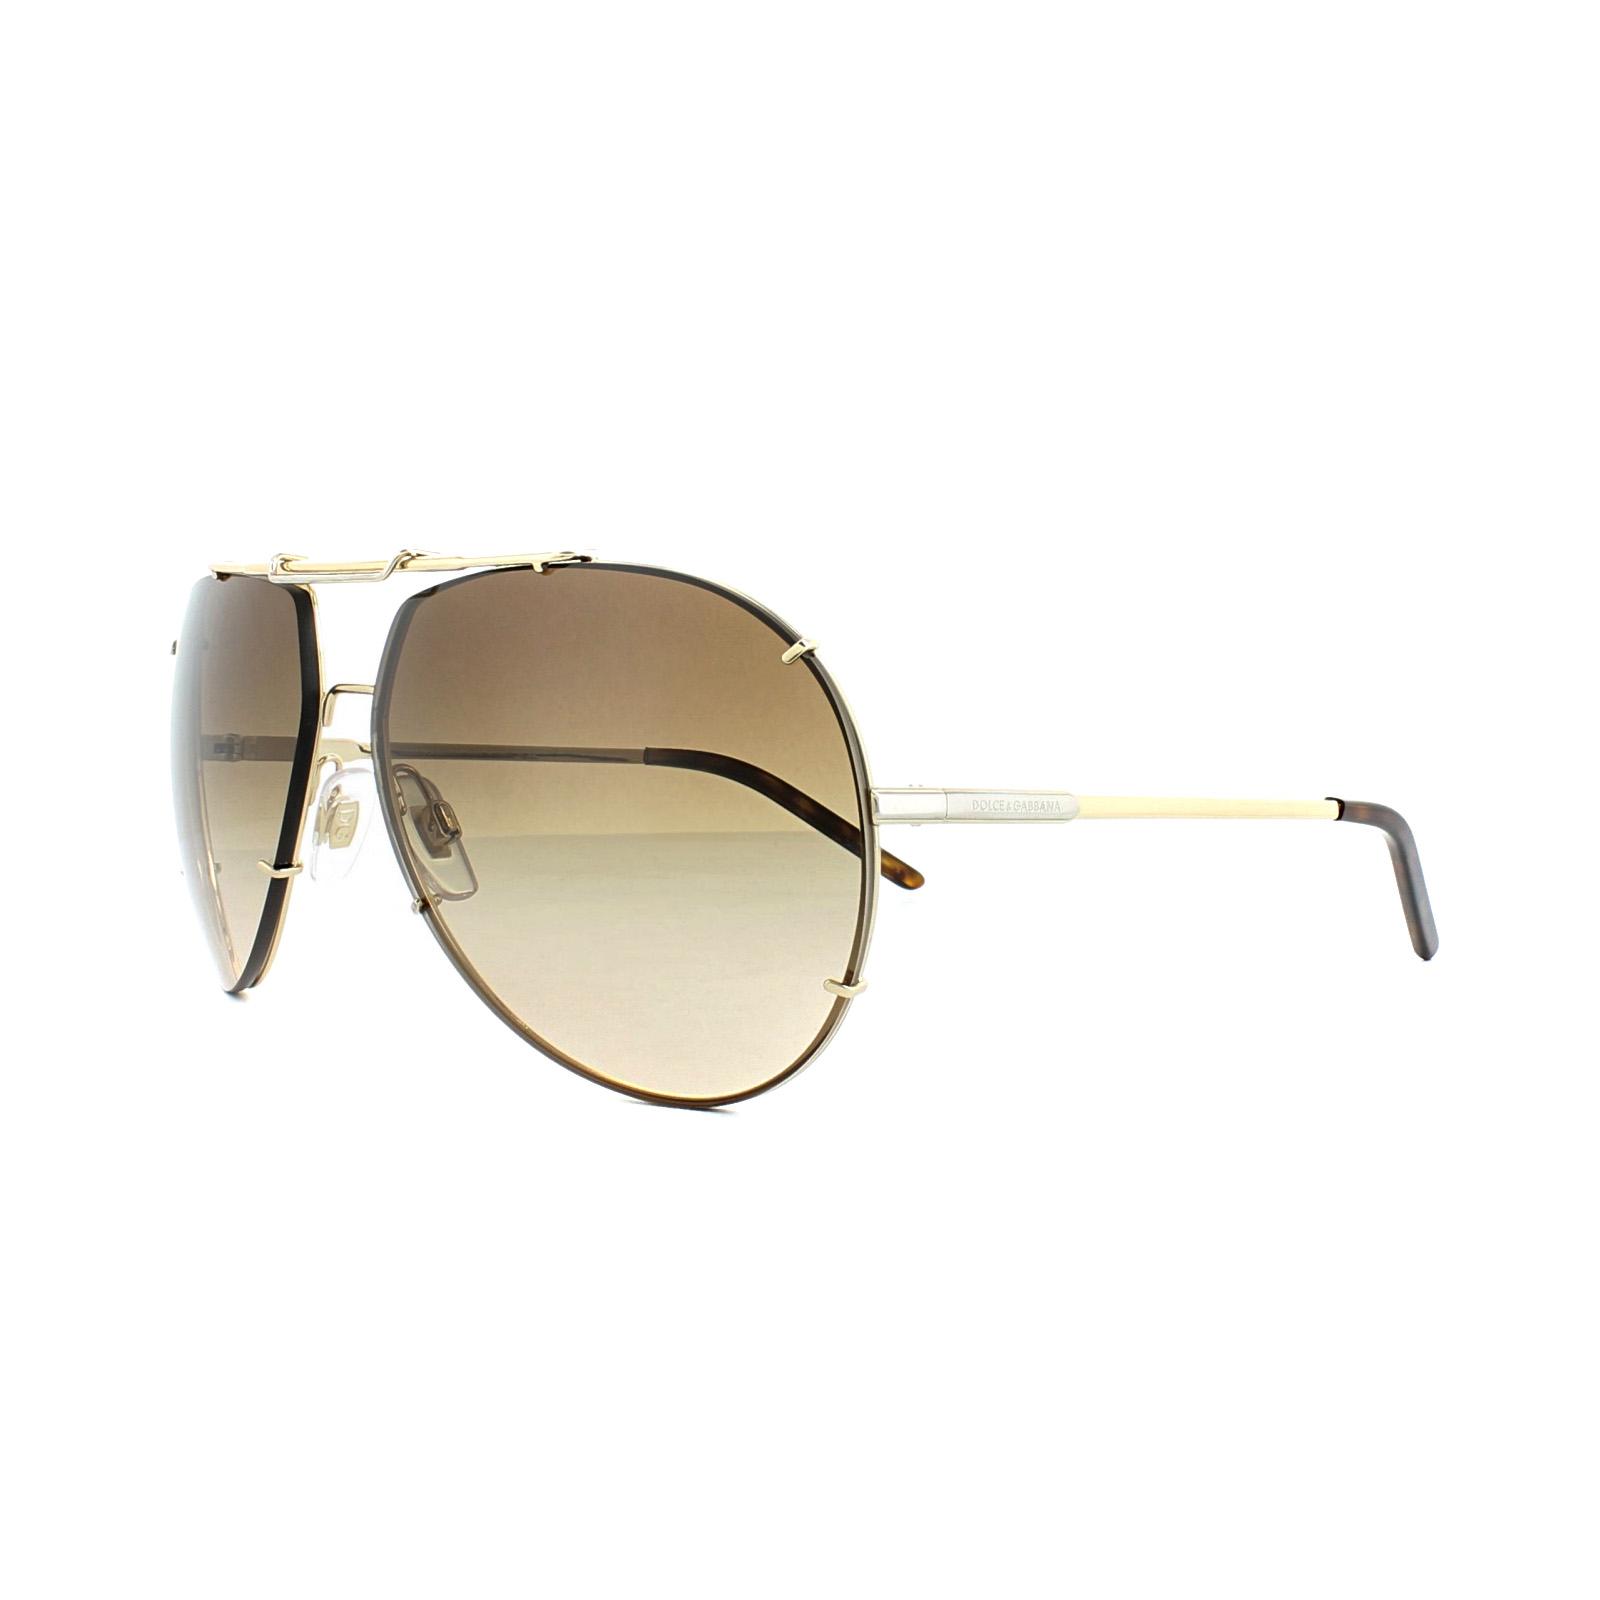 ec9450d977c Cheap Dolce   Gabbana 2075 Sunglasses - Discounted Sunglasses